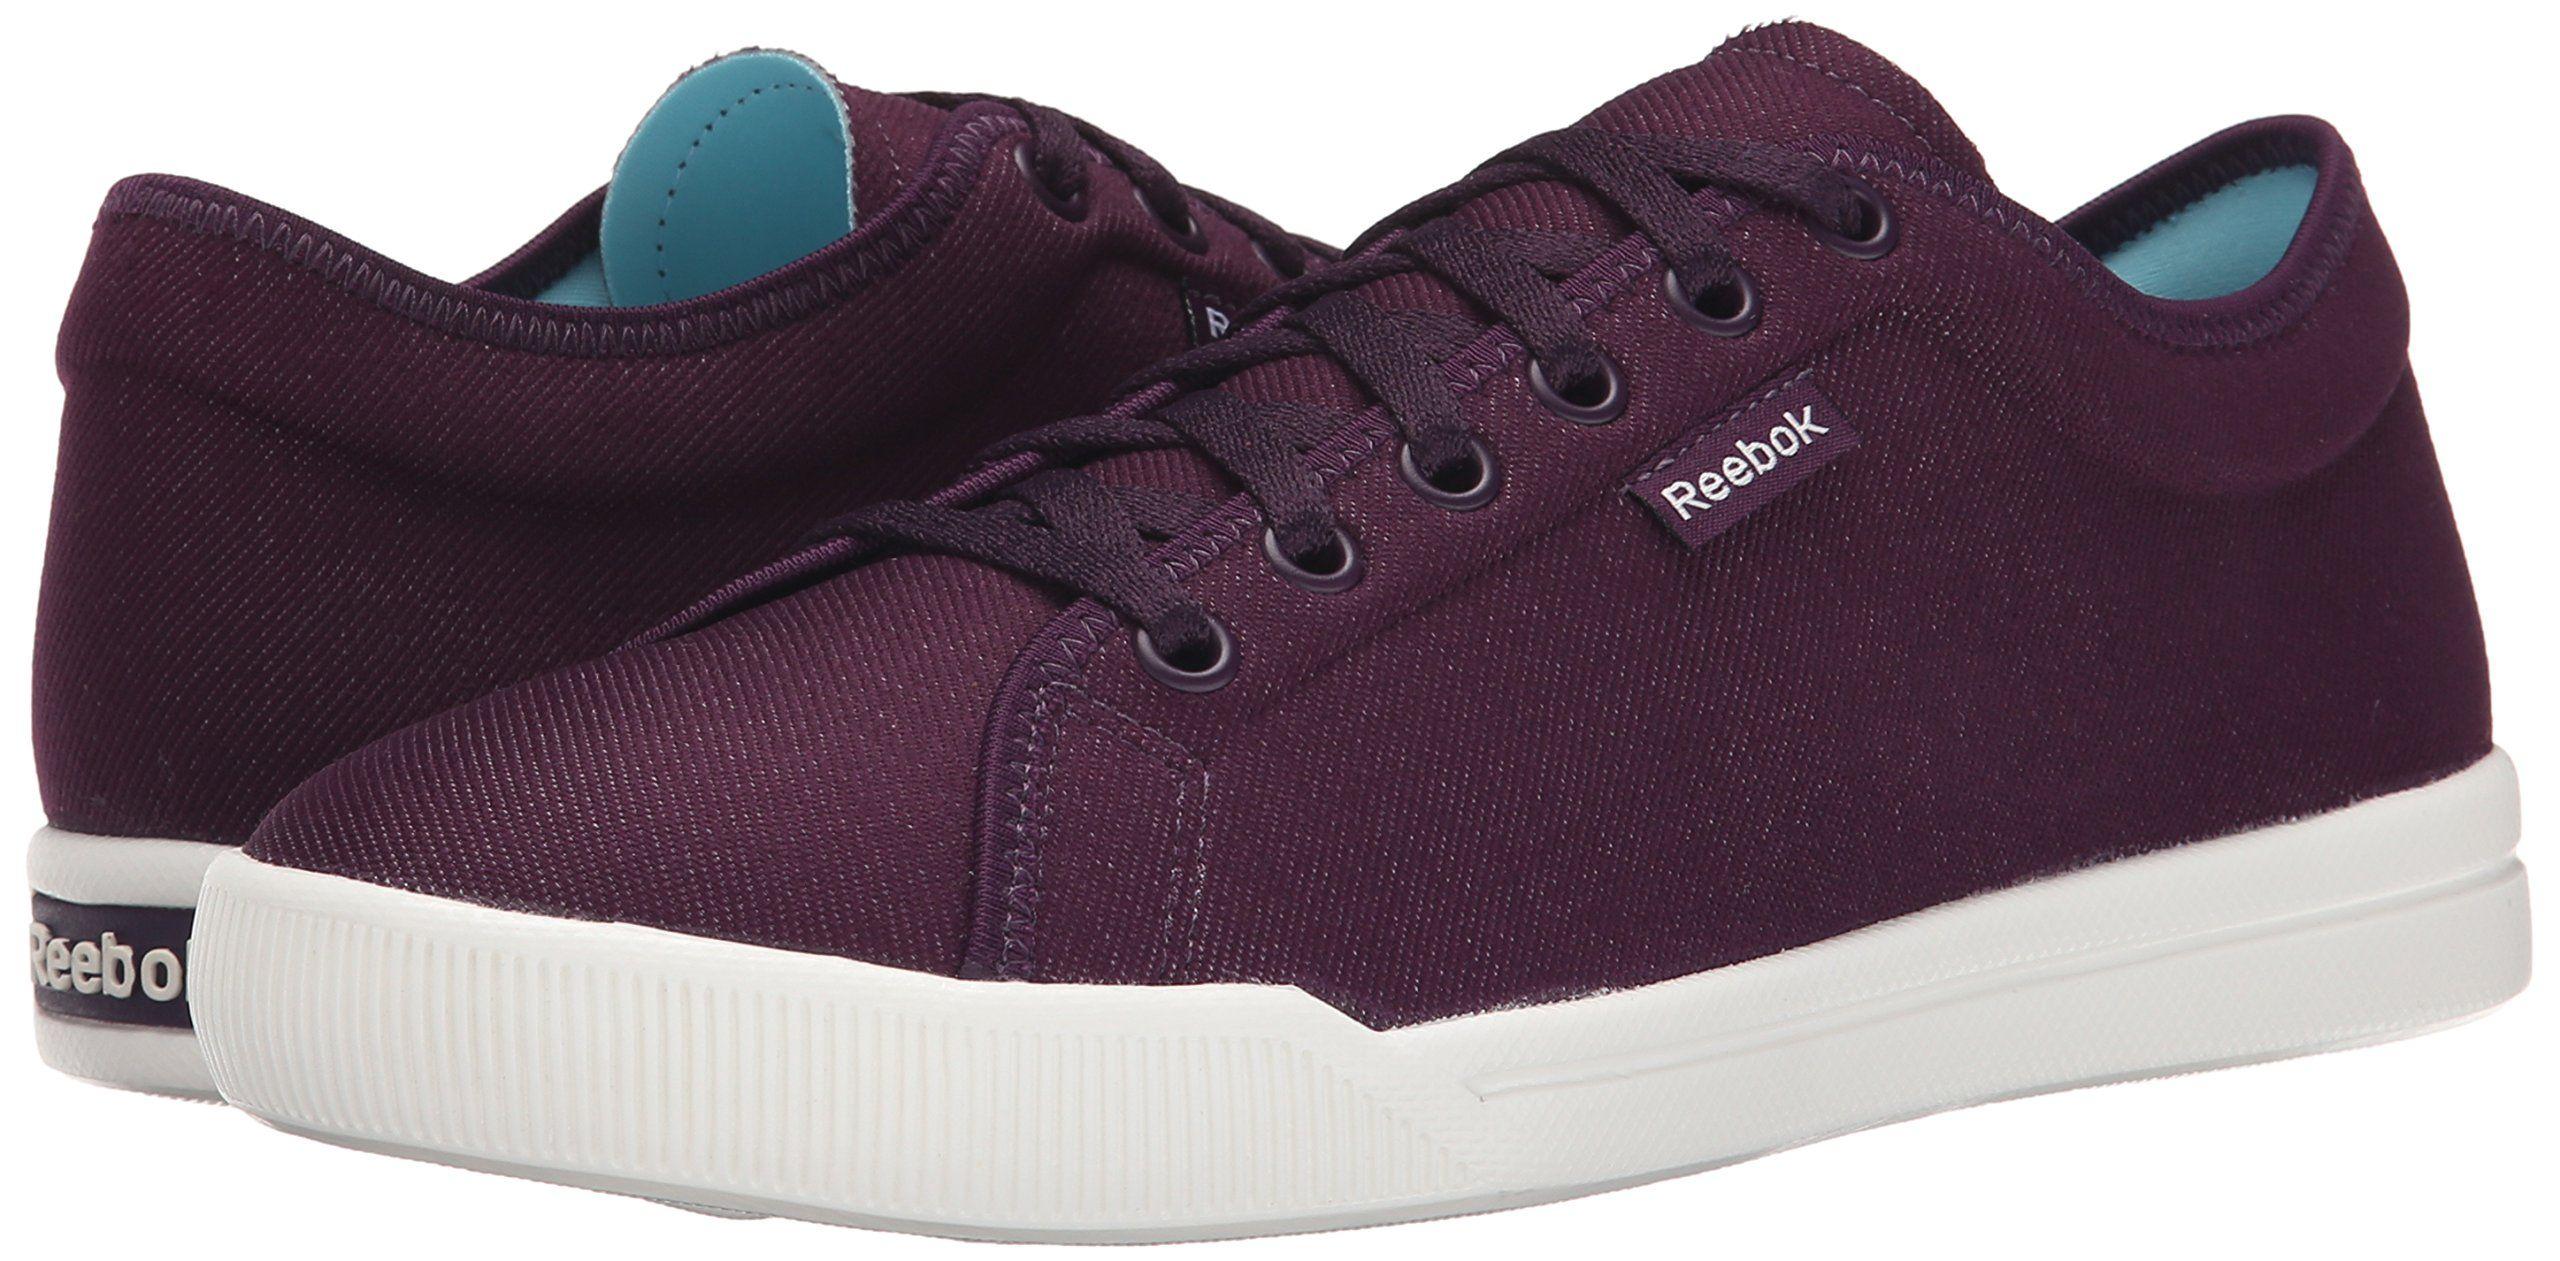 Reebok women, Shoes, Walking shoes